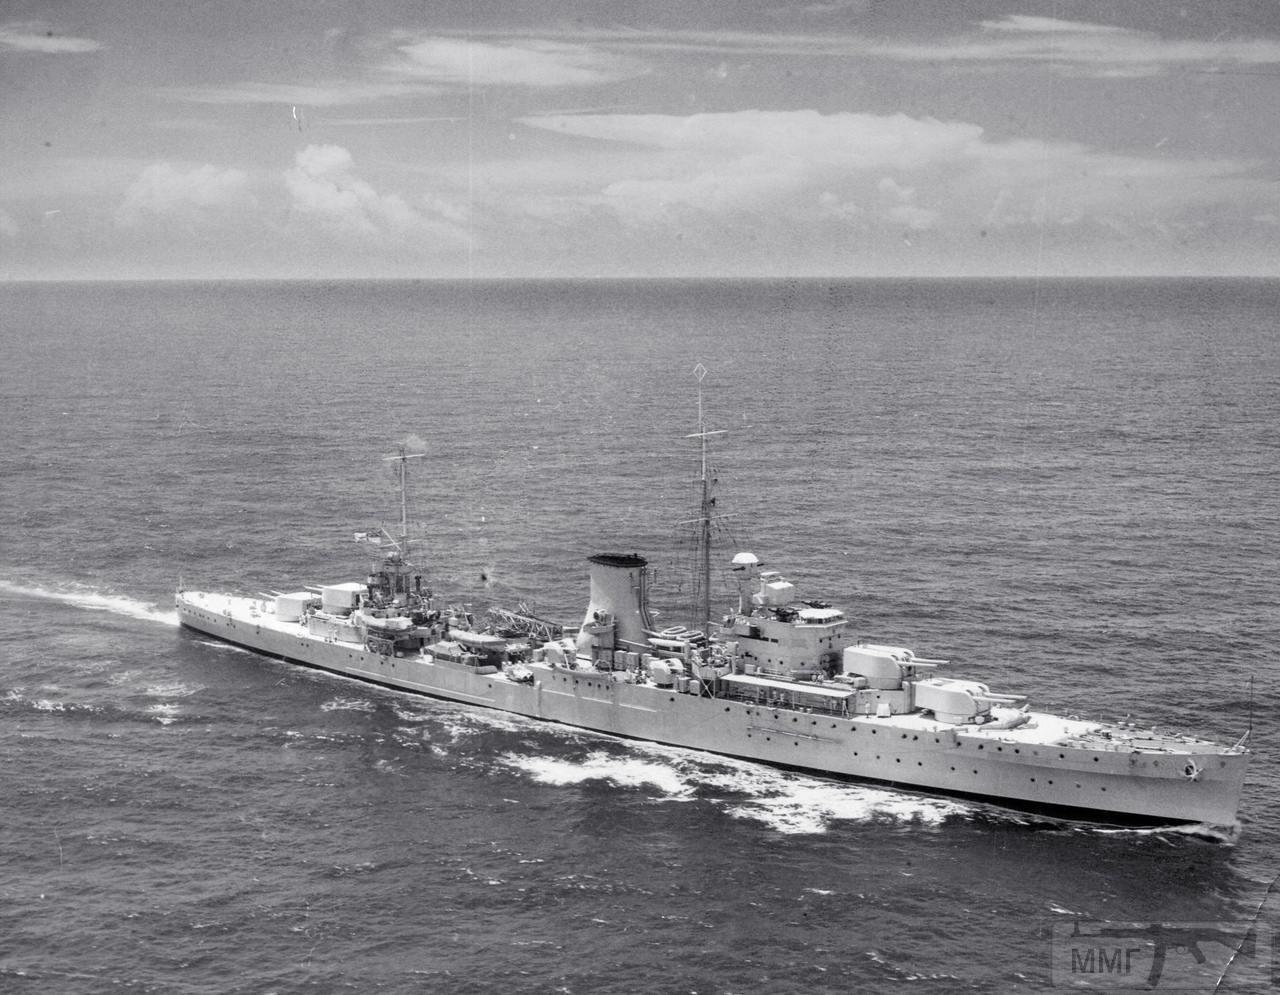 59174 - HMS Ajax